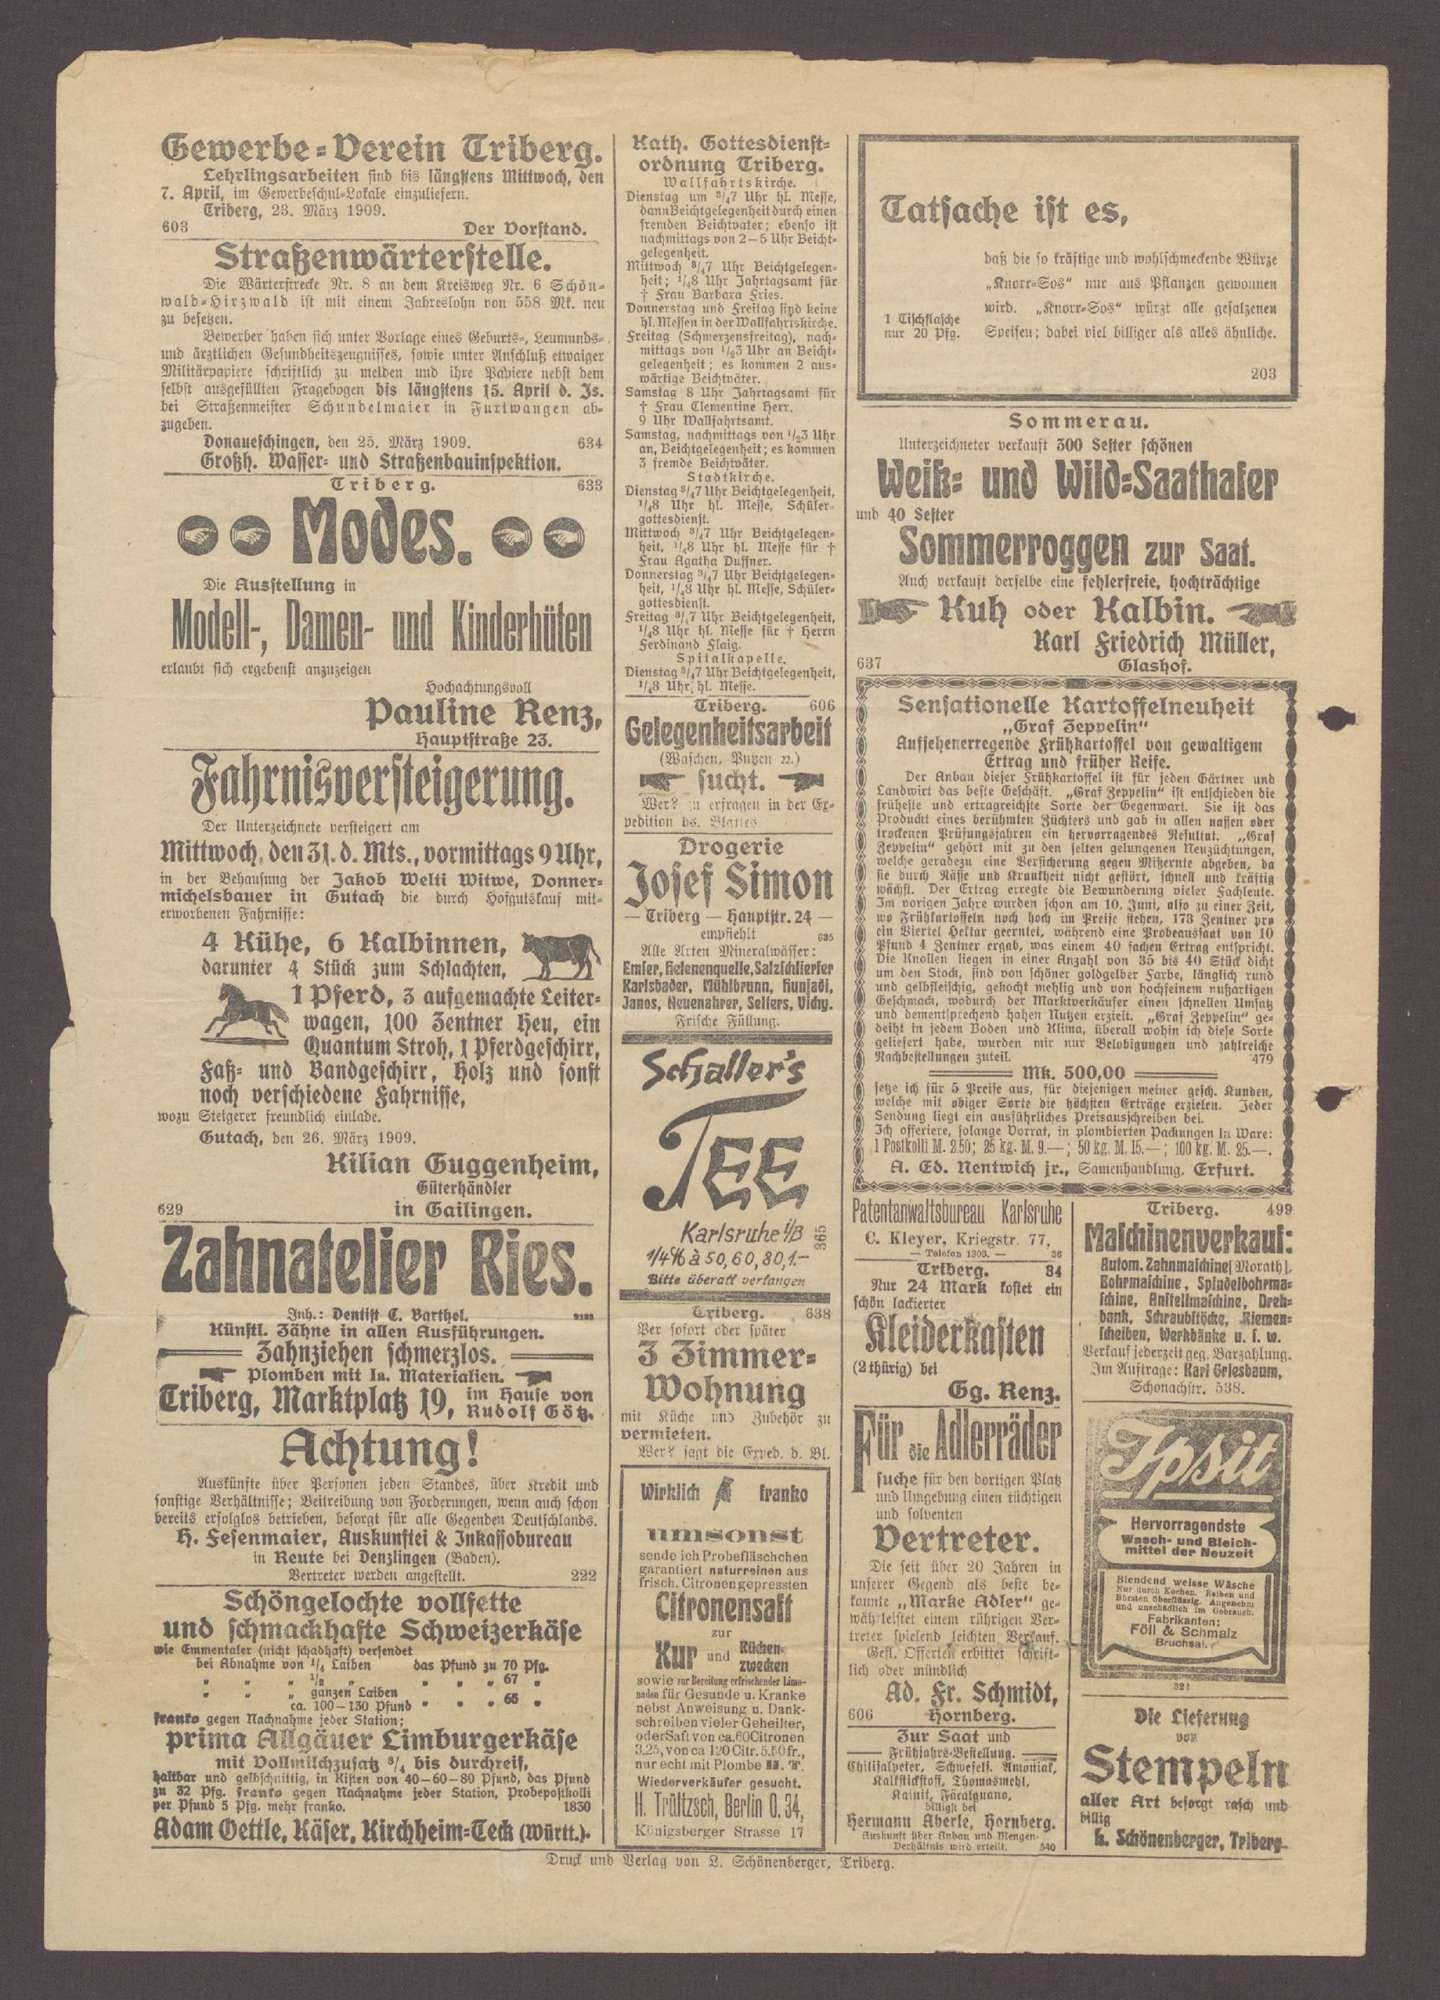 Echo vom Wald - Triberger Zeitung Nr. 69 vom 29.3.1909, Bild 3